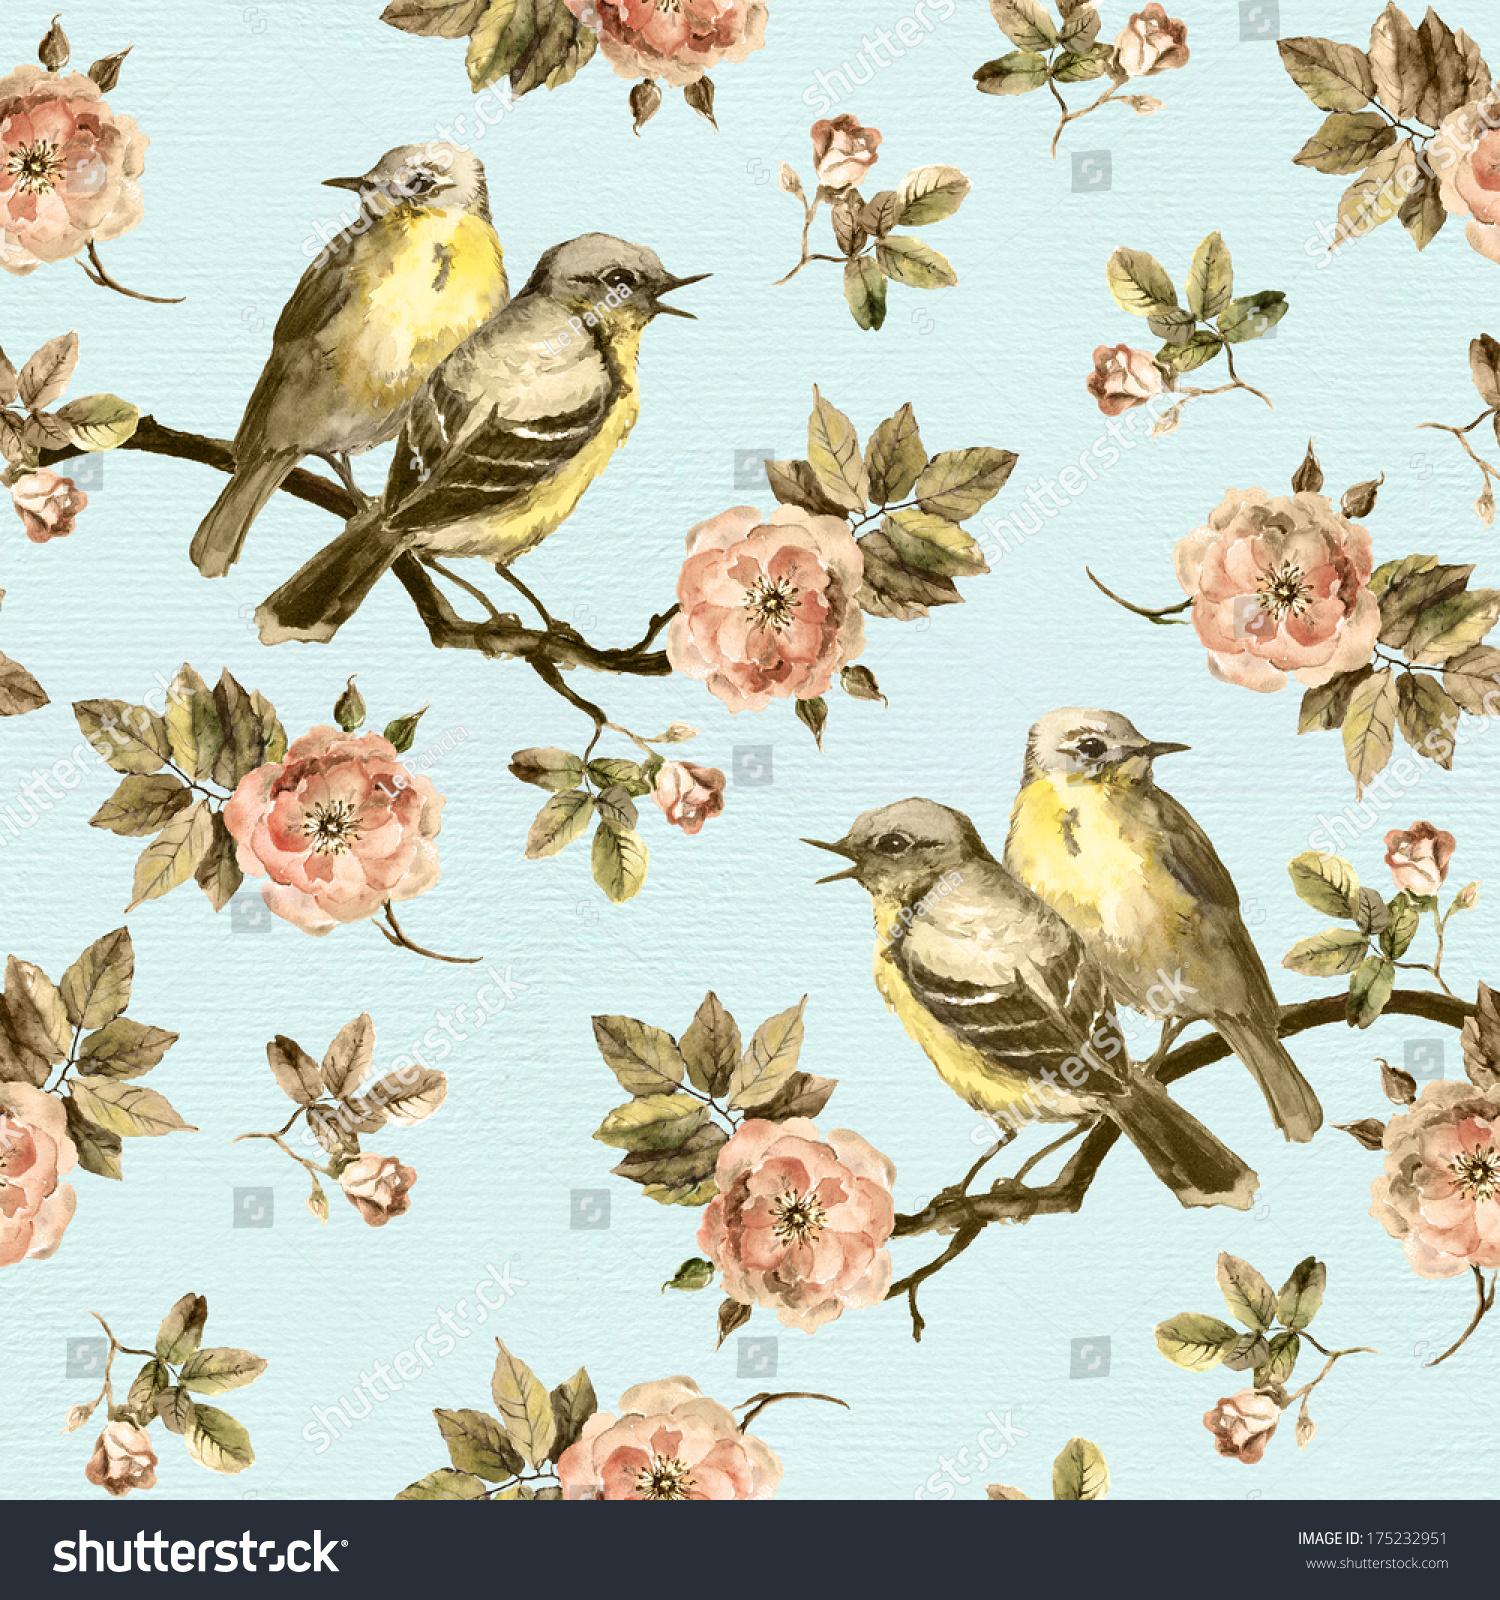 无缝的背景与复古的鸟与玫瑰花花的背景-动物/野生